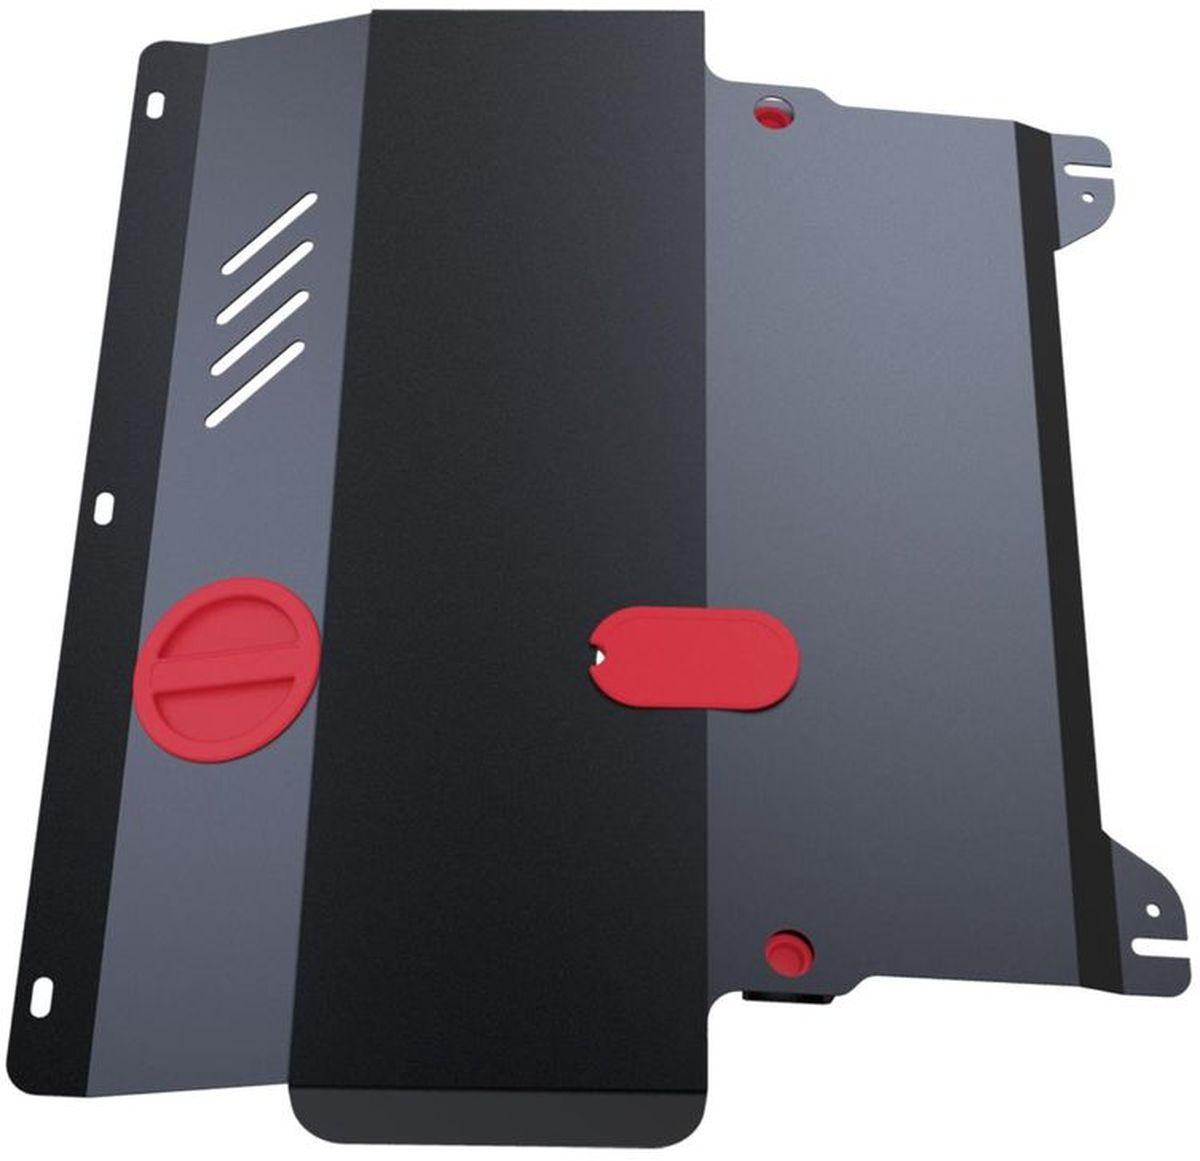 Защита картера Автоброня, для VolkswagenAmarok V - 2.0 TDI (2010-)98298123_черныйТехнологически совершенный продукт за невысокую стоимость.Защита разработана с учетом особенностей днища автомобиля, что позволяет сохранить дорожный просвет с минимальным изменением.Защита устанавливается в штатные места кузова автомобиля. Глубокий штамп обеспечивает до двух раз больше жесткости в сравнении с обычной защитой той же толщины. Проштампованные ребра жесткости препятствуют деформации защиты при ударах.Тепловой зазор и вентиляционные отверстия обеспечивают сохранение температурного режима двигателя в норме. Скрытый крепеж предотвращает срыв крепежных элементов при наезде на препятствие.Шумопоглощающие резиновые элементы обеспечивают комфортную езду без вибраций и скрежета металла, а съемные лючки для слива масла и замены фильтра - экономию средств и время.Конструкция изделия не влияет на пассивную безопасность автомобиля (при ударе защита не воздействует на деформационные зоны кузова). Со штатным крепежом. В комплекте инструкция по установке.Толщина стали: 2 мм.Уважаемые клиенты!Обращаем ваше внимание, что элемент защиты имеет форму, соответствующую модели данного автомобиля. Фото служит для визуального восприятия товара и может отличаться от фактического.